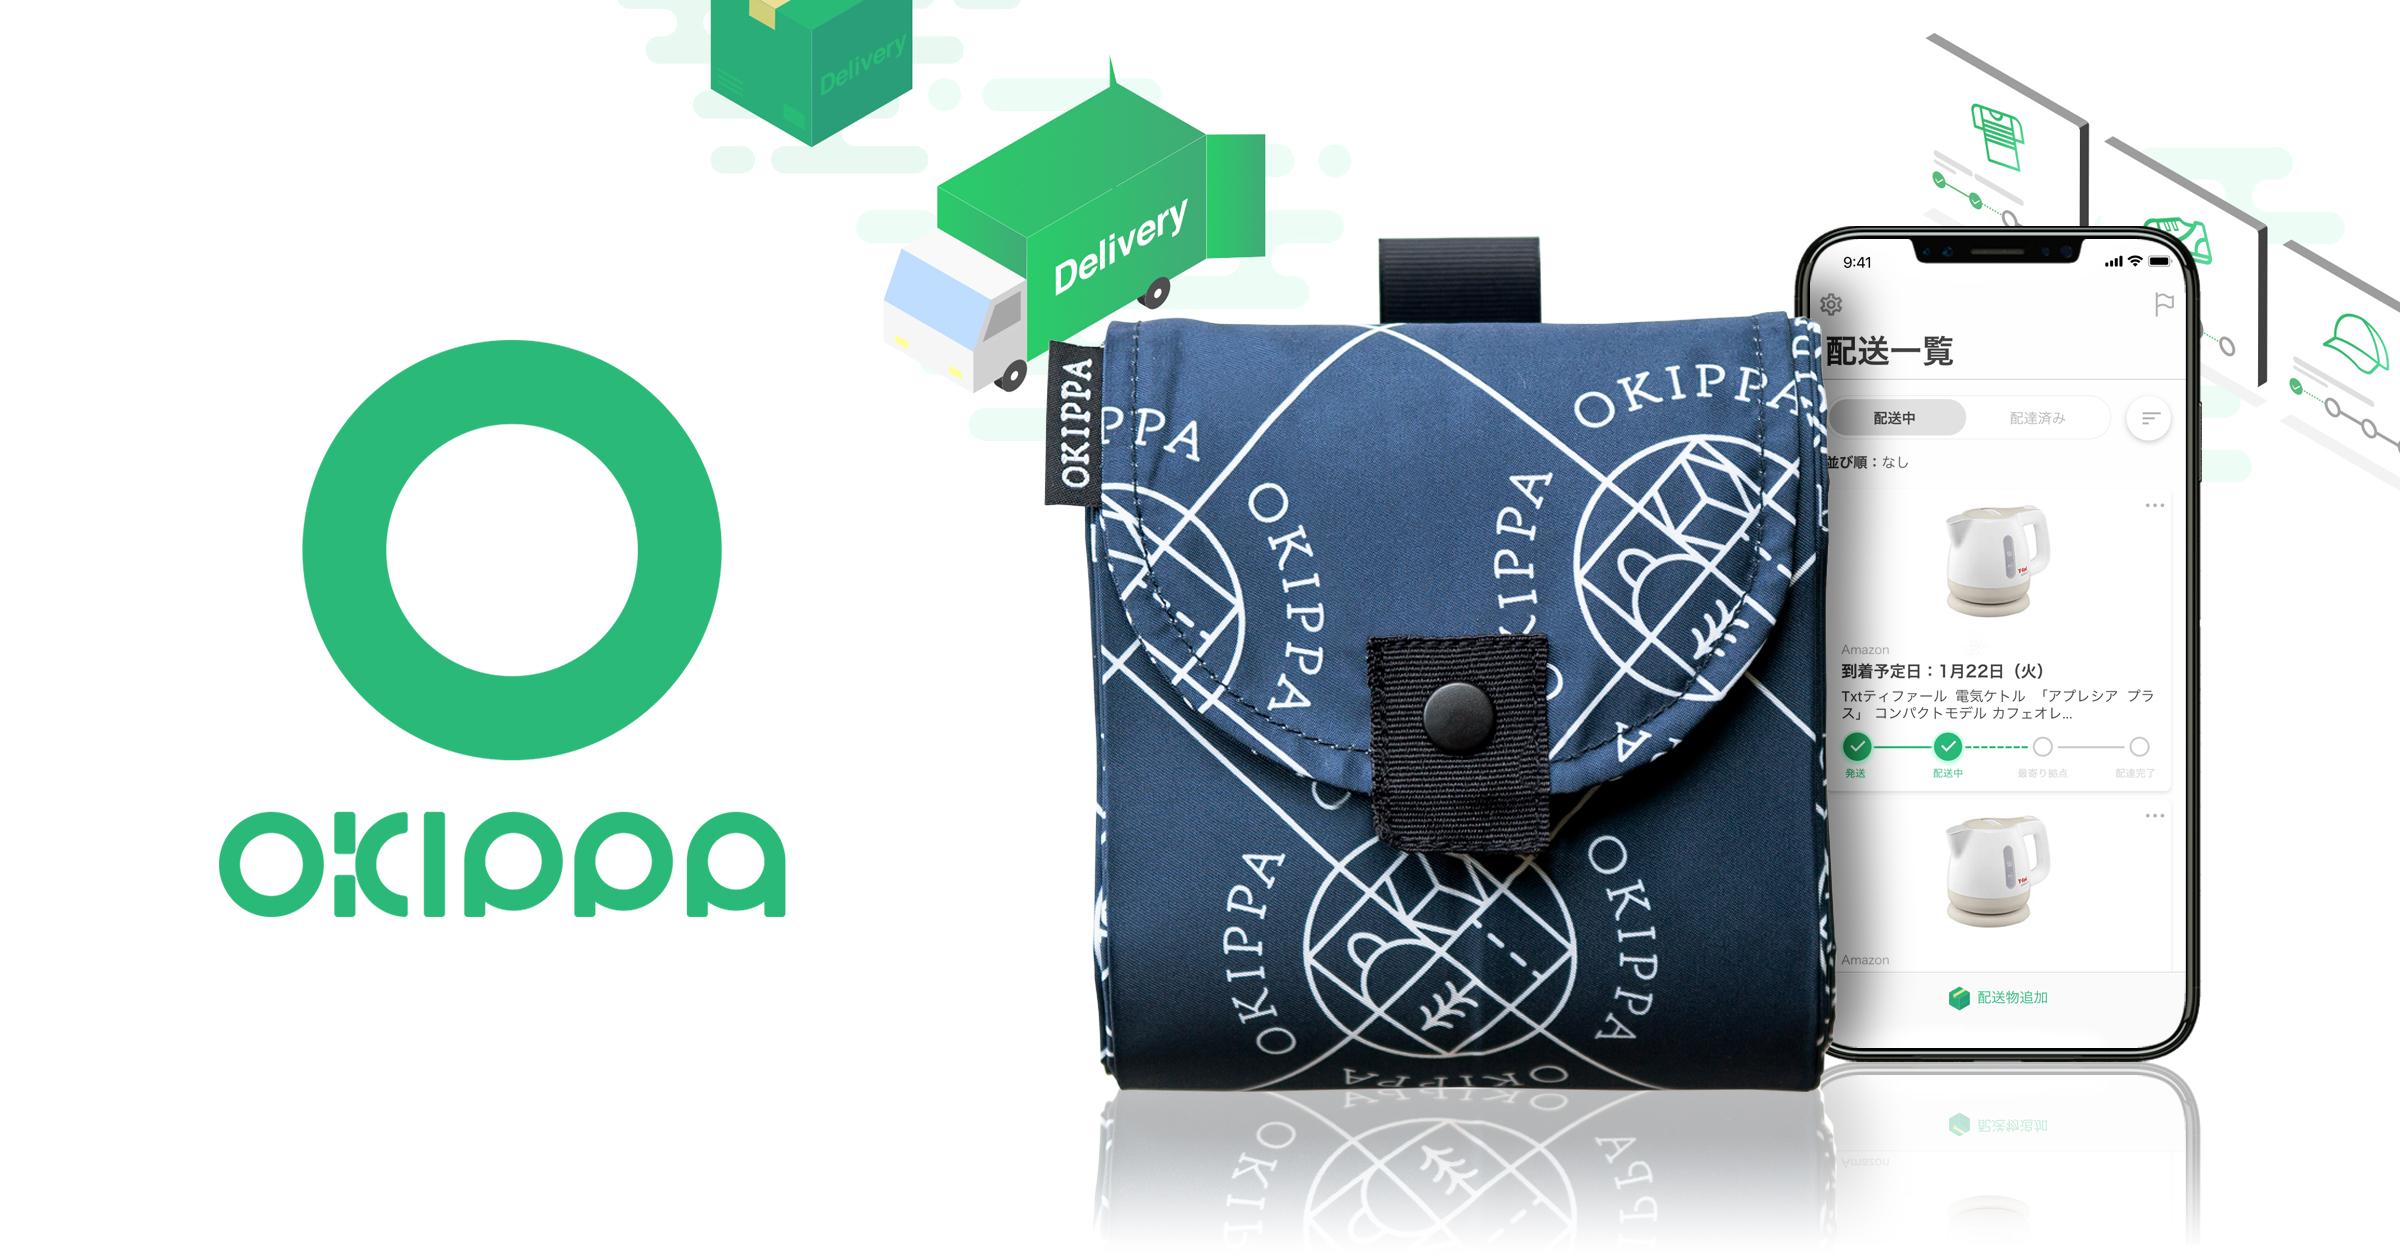 ソフトウェアエンジニア(OKIPPA事業担当)